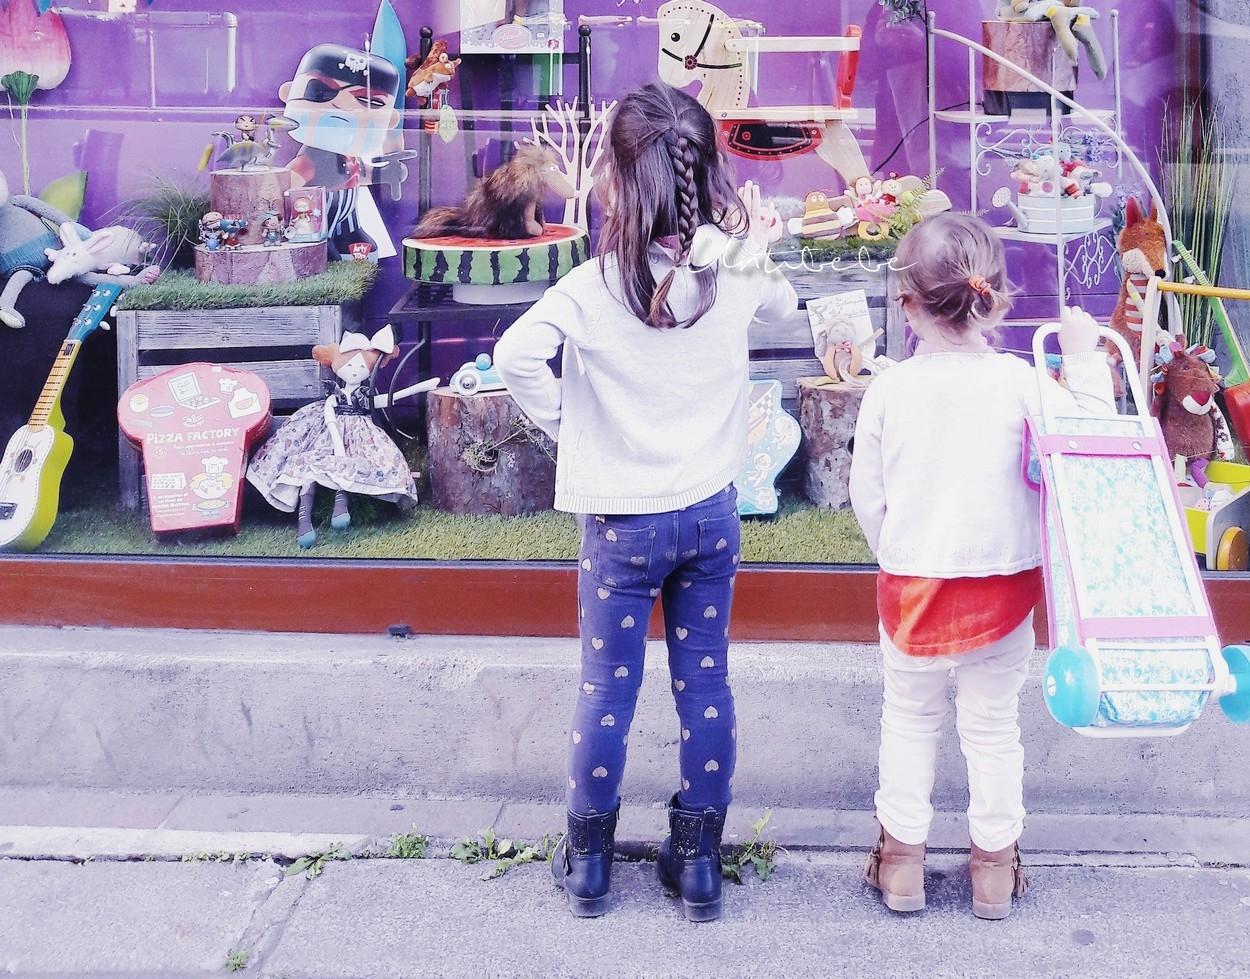 fillettes-devant-vitrine-jouets